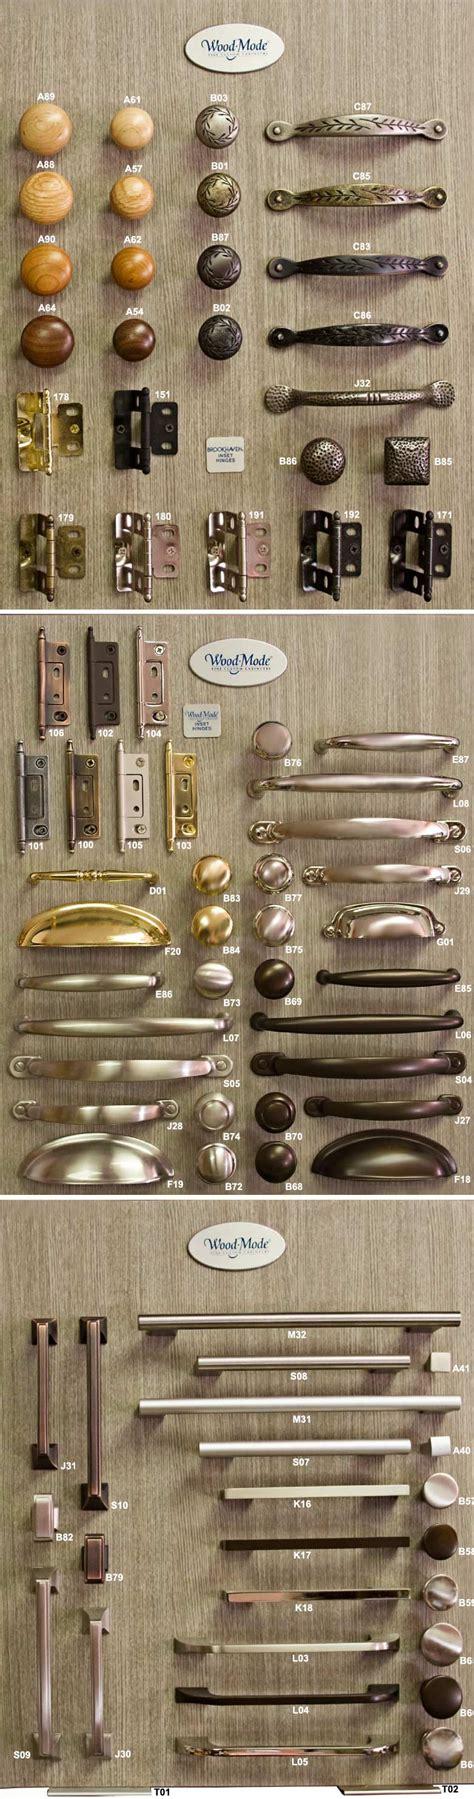 wood mode cabinet catalog wood mode kitchen and bath hardware catalog